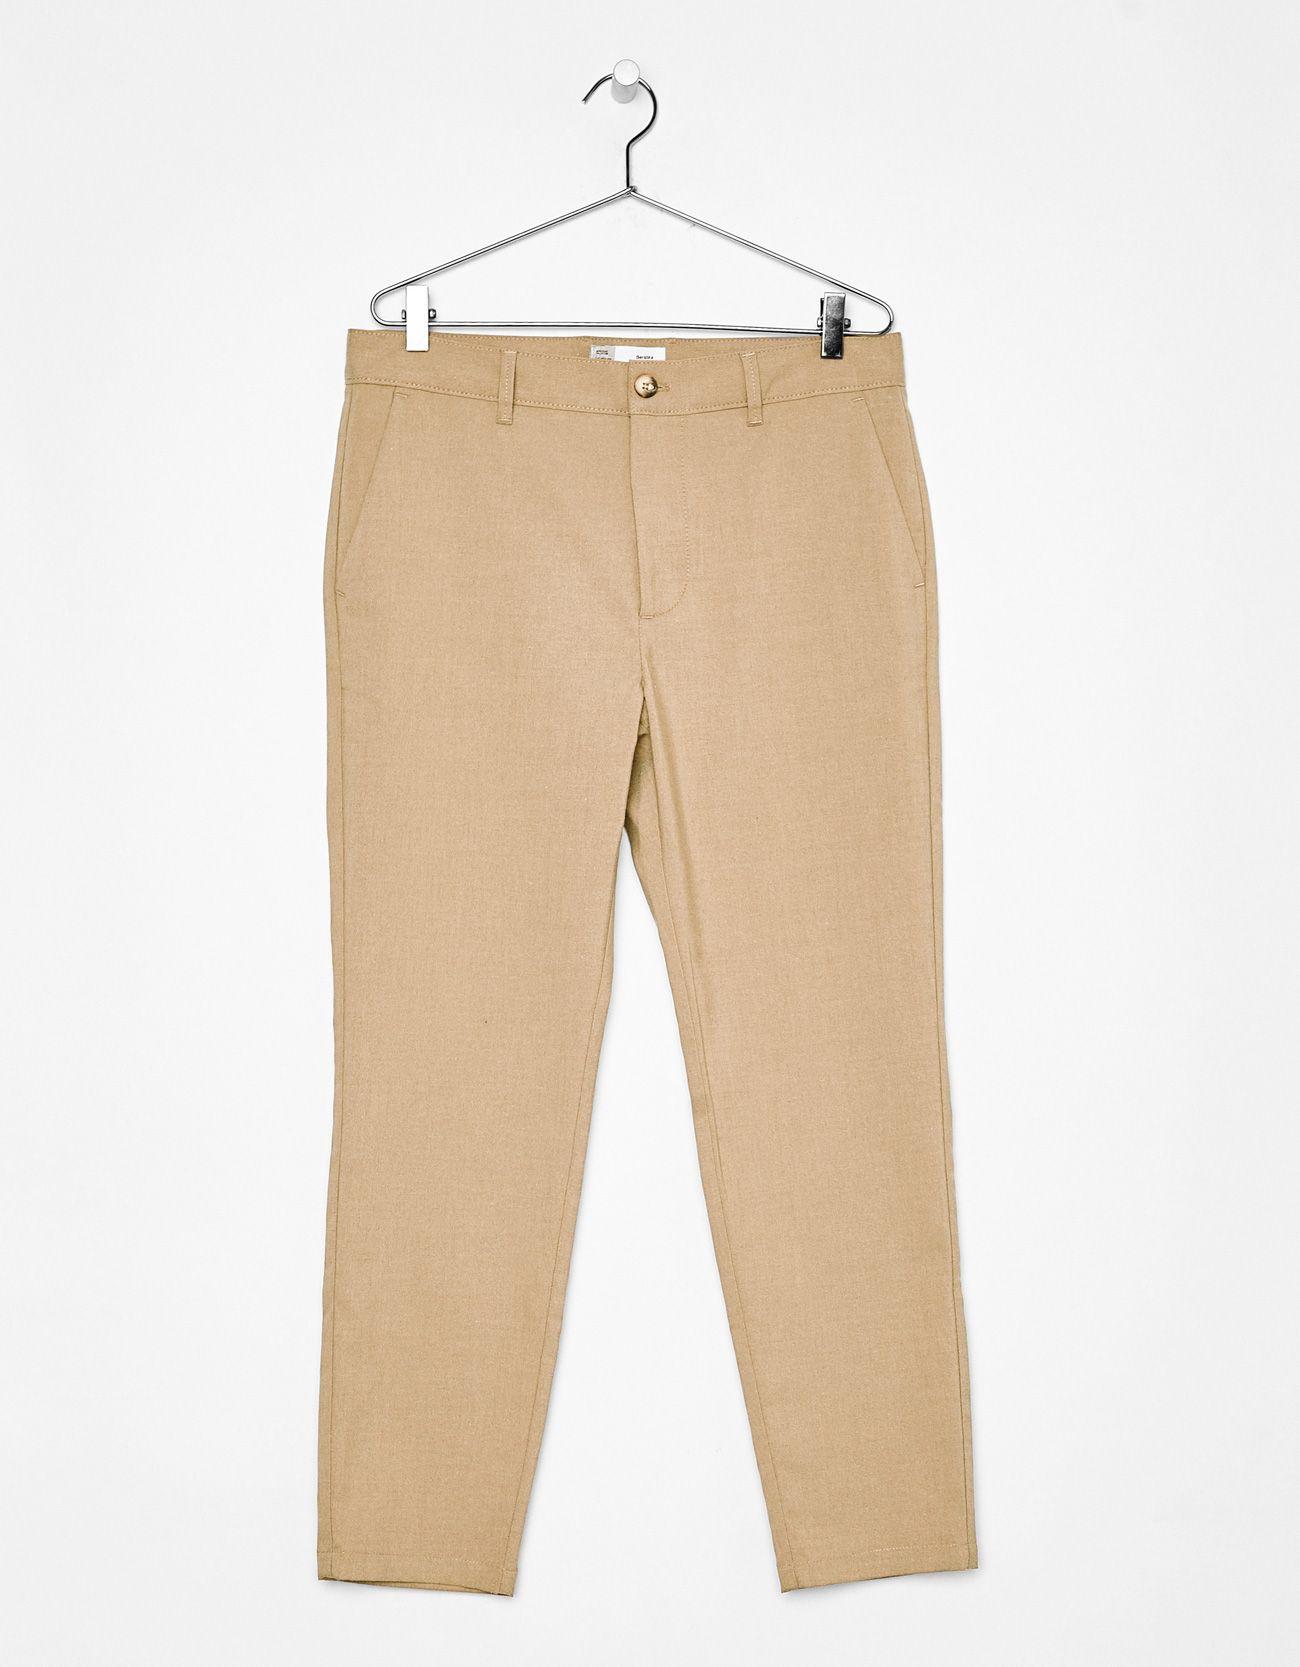 Pantalon Slim Fit Cropped Ropa Moda Rebelde Moda